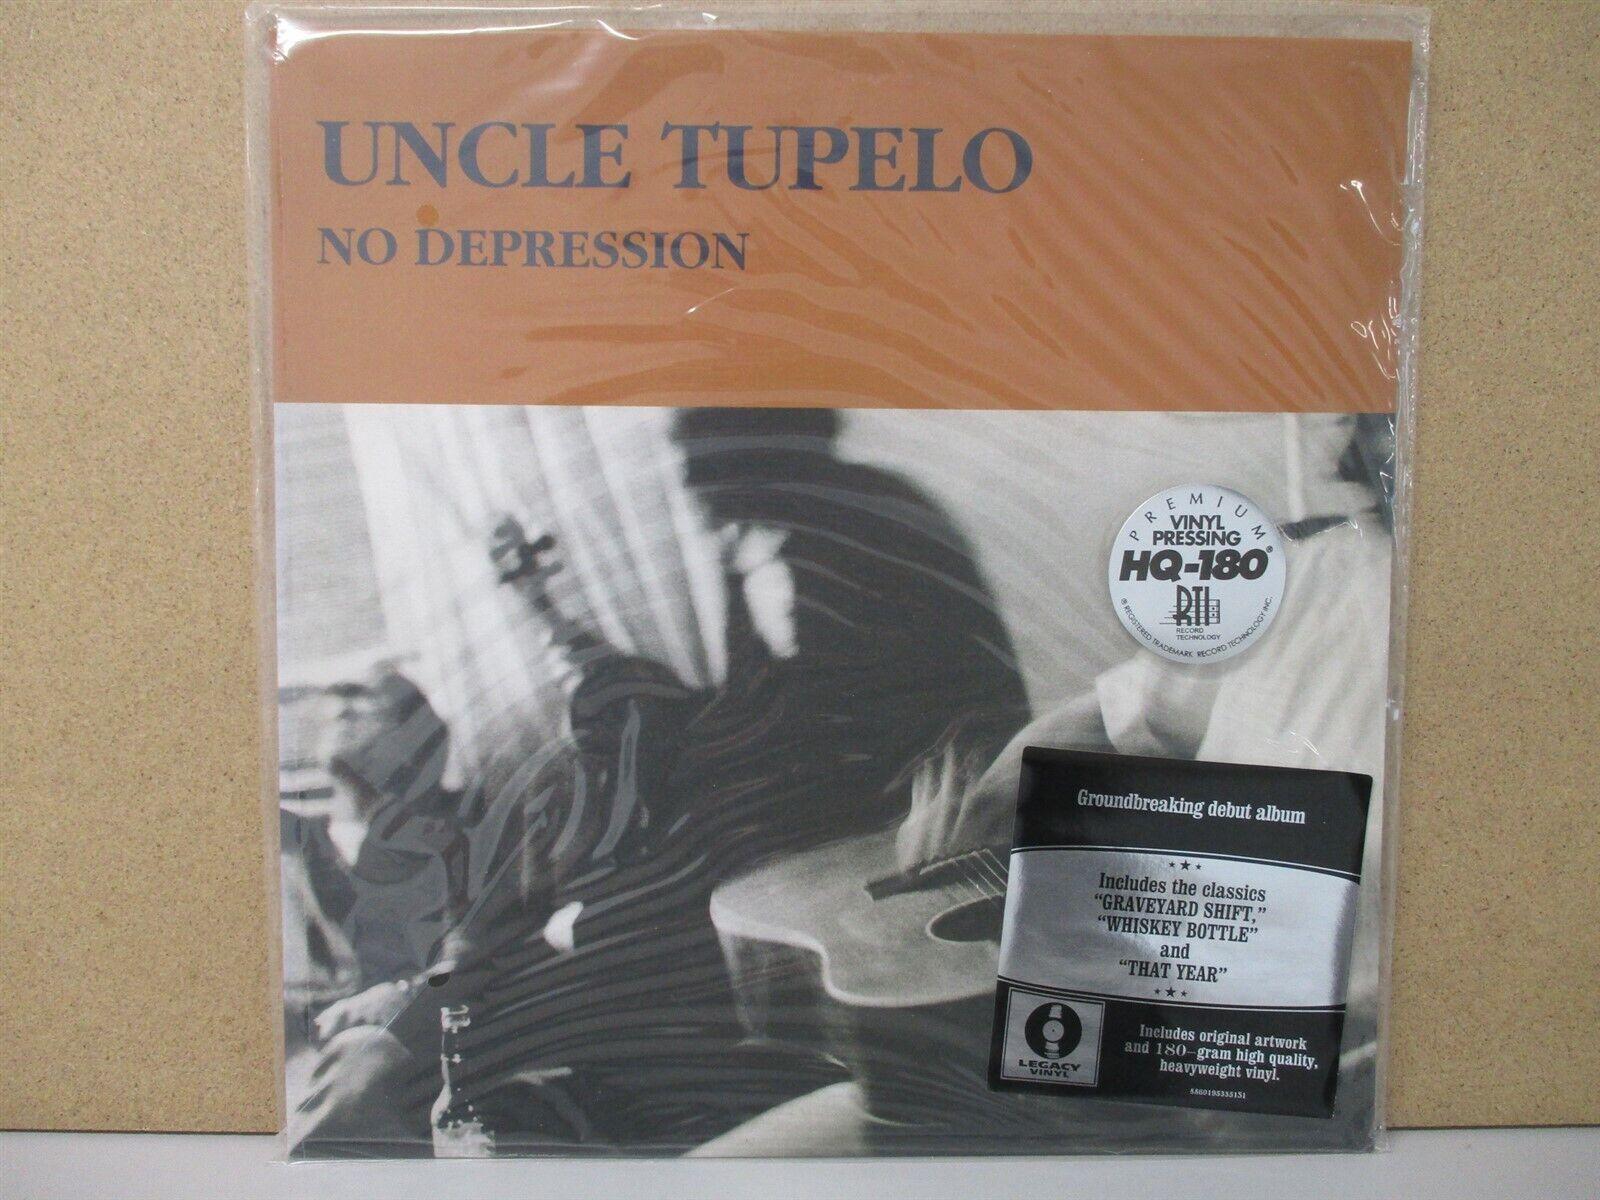 Uncle Tupelo No Depression Lp New 180g Vinyl 2012 1990